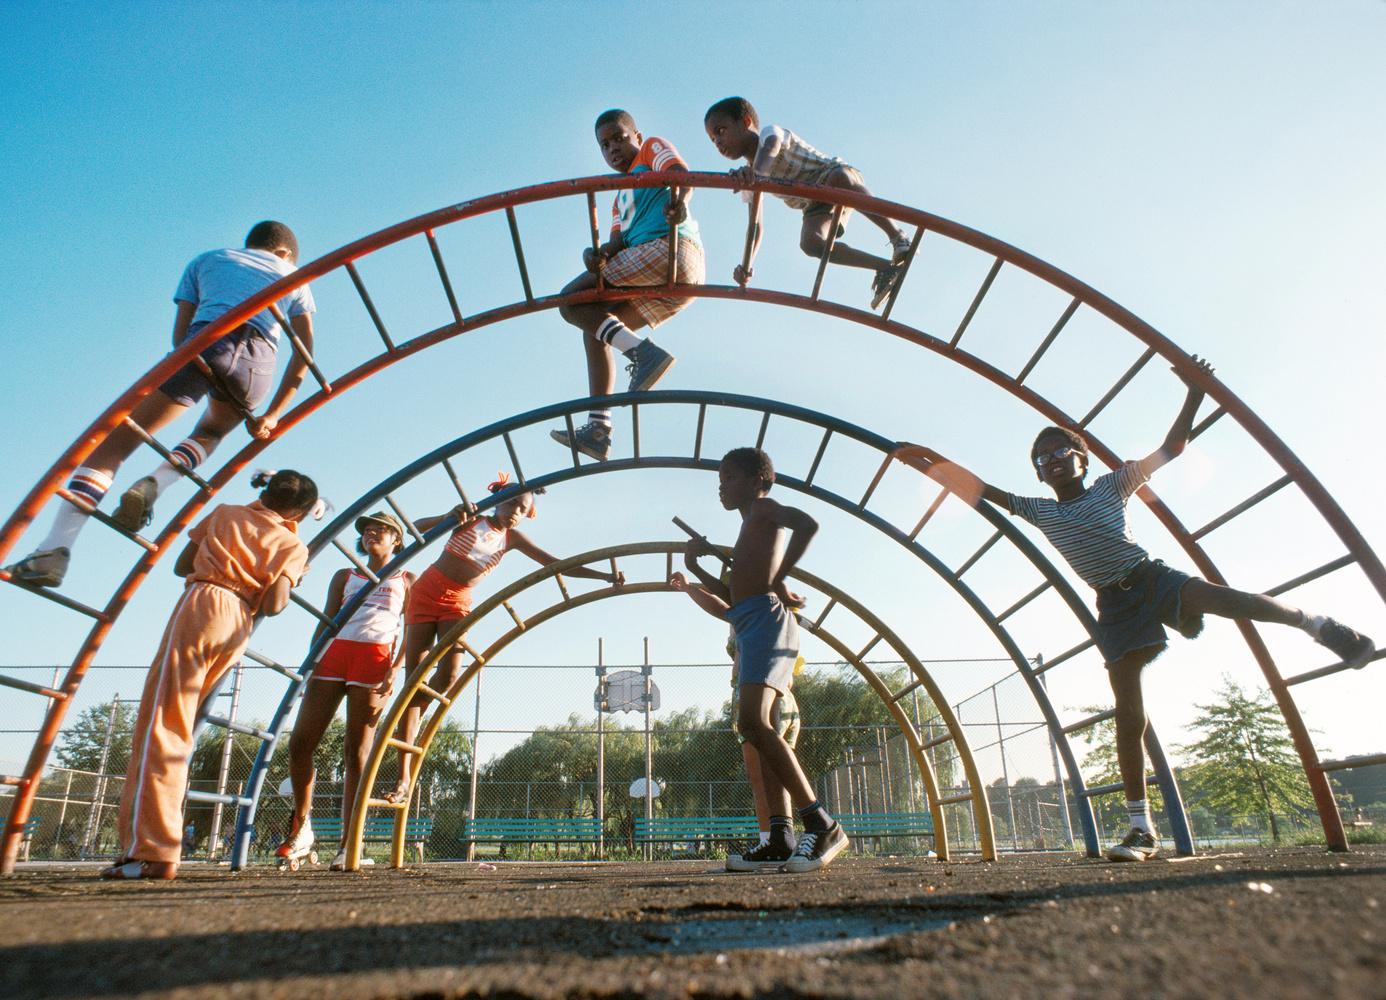 Gary Settle kids in the park